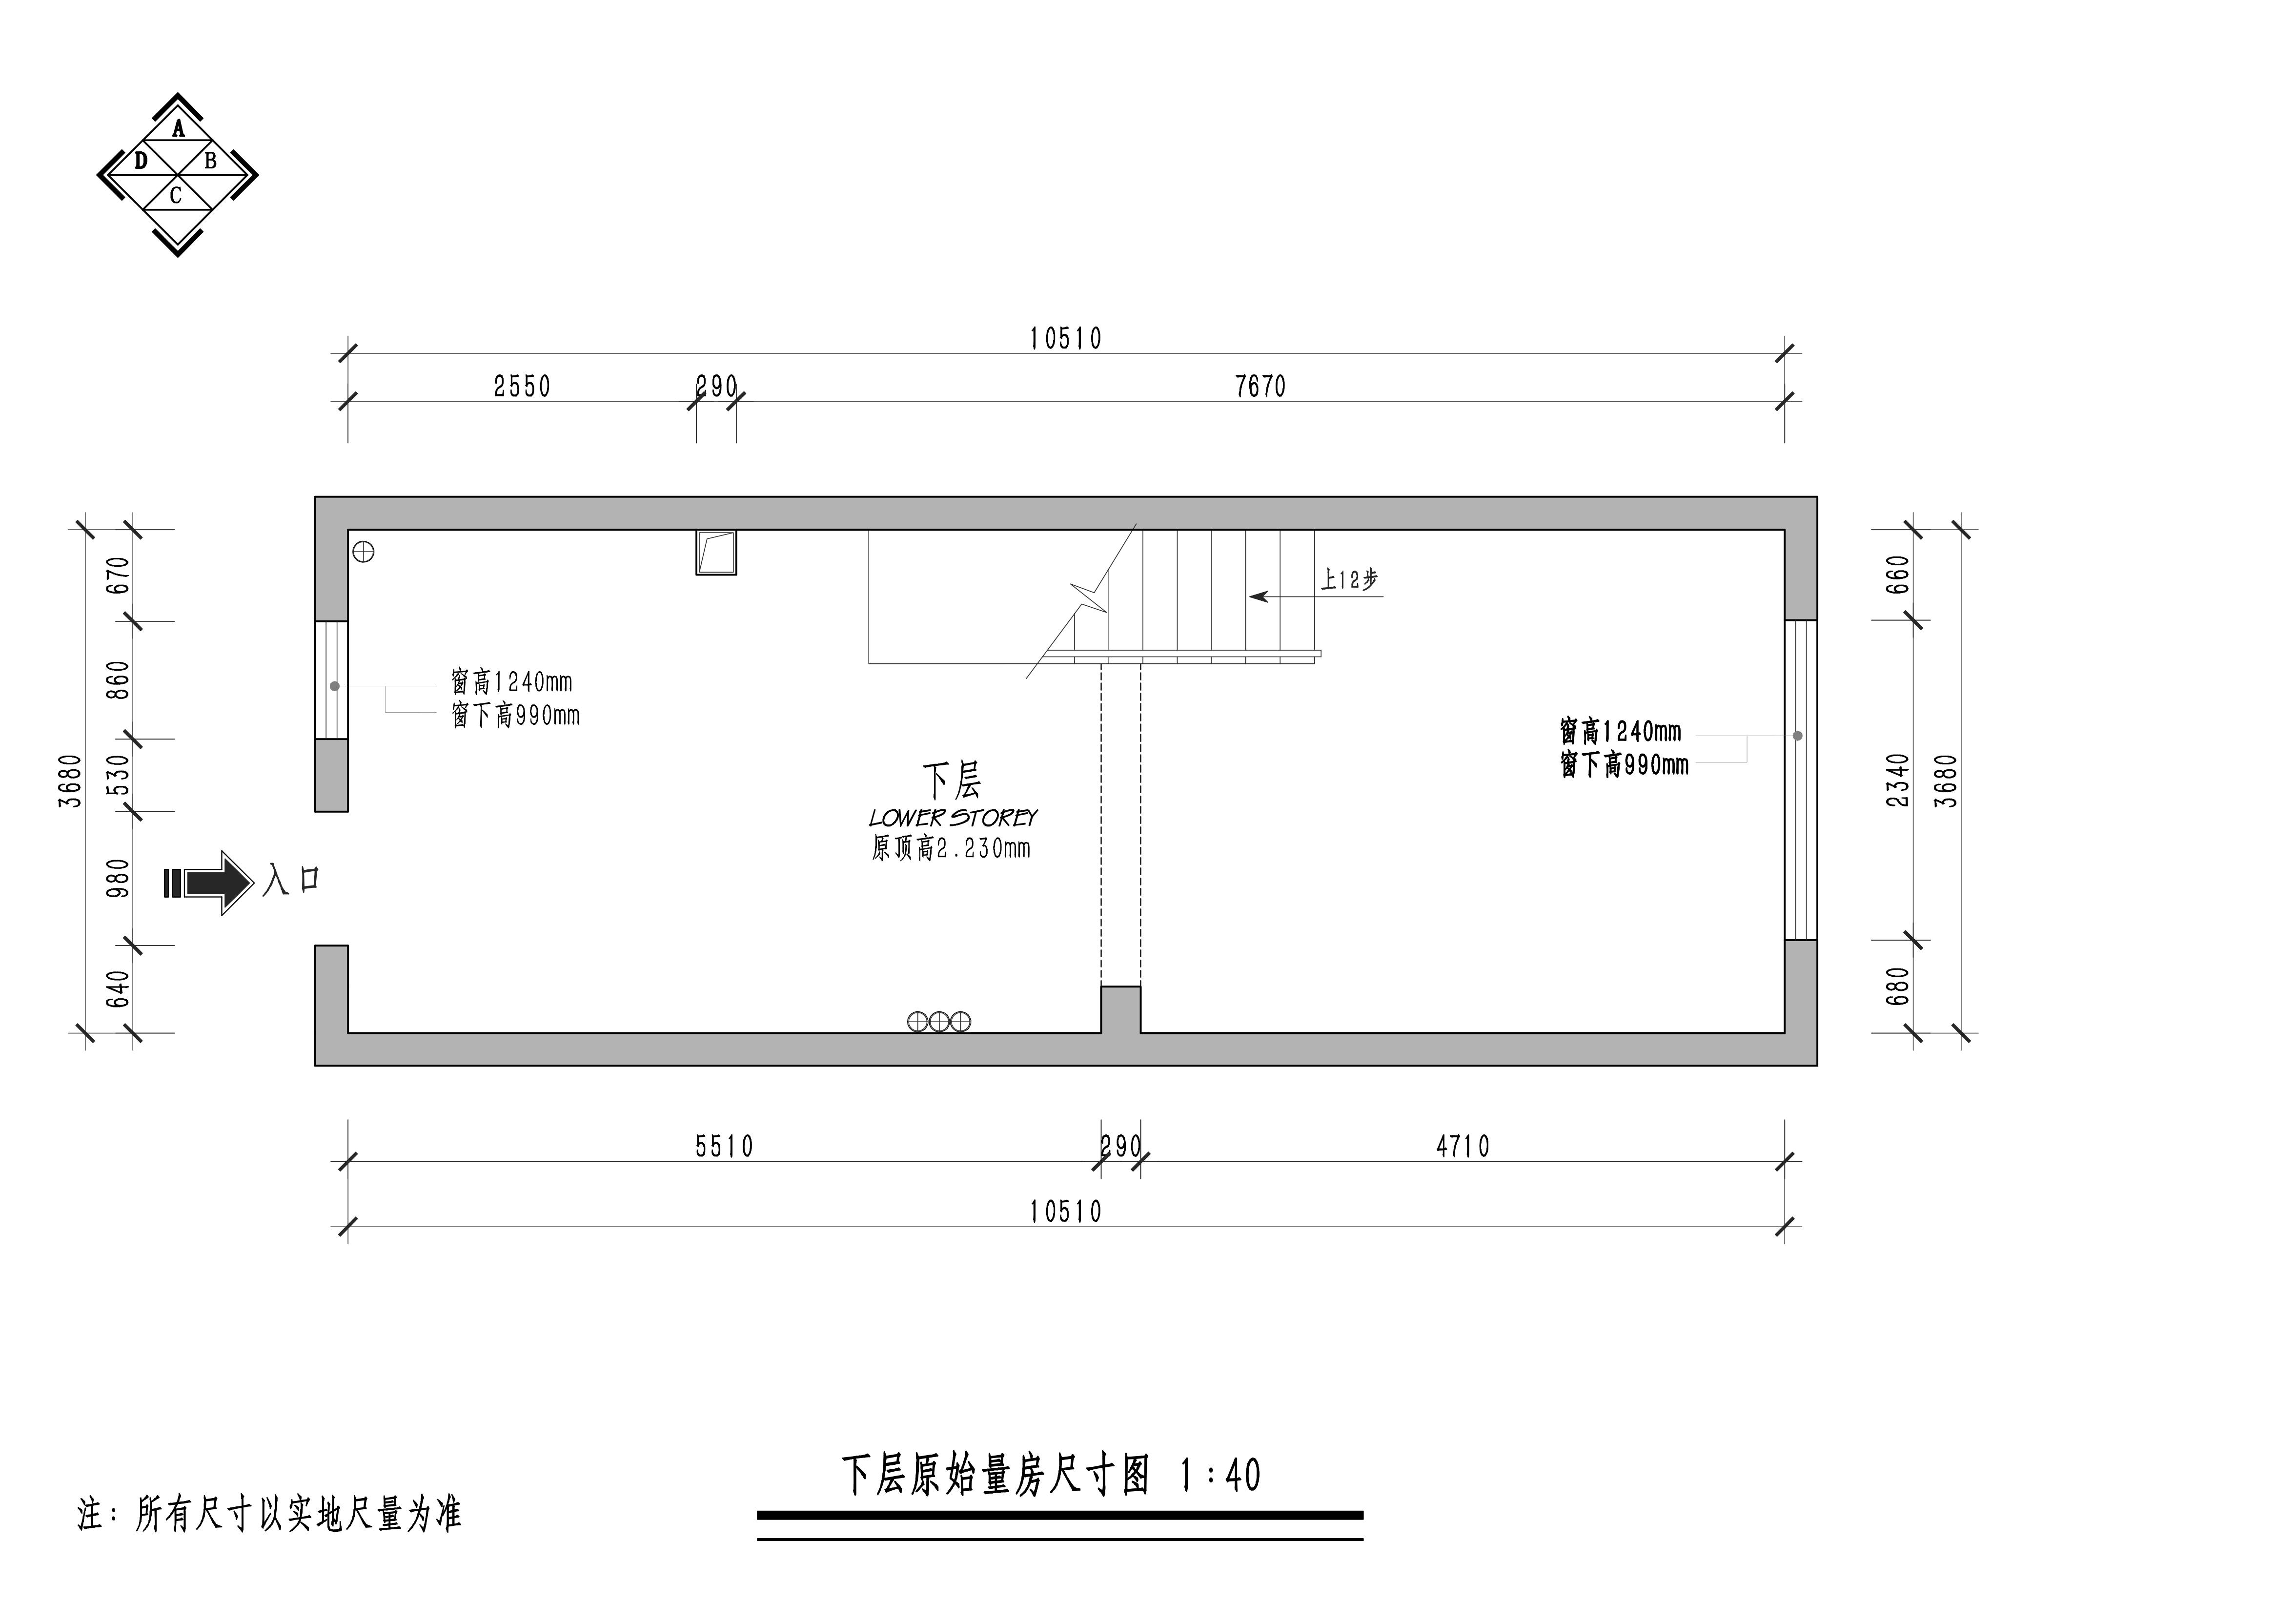 后现代城 现代风格 76平米装修设计理念